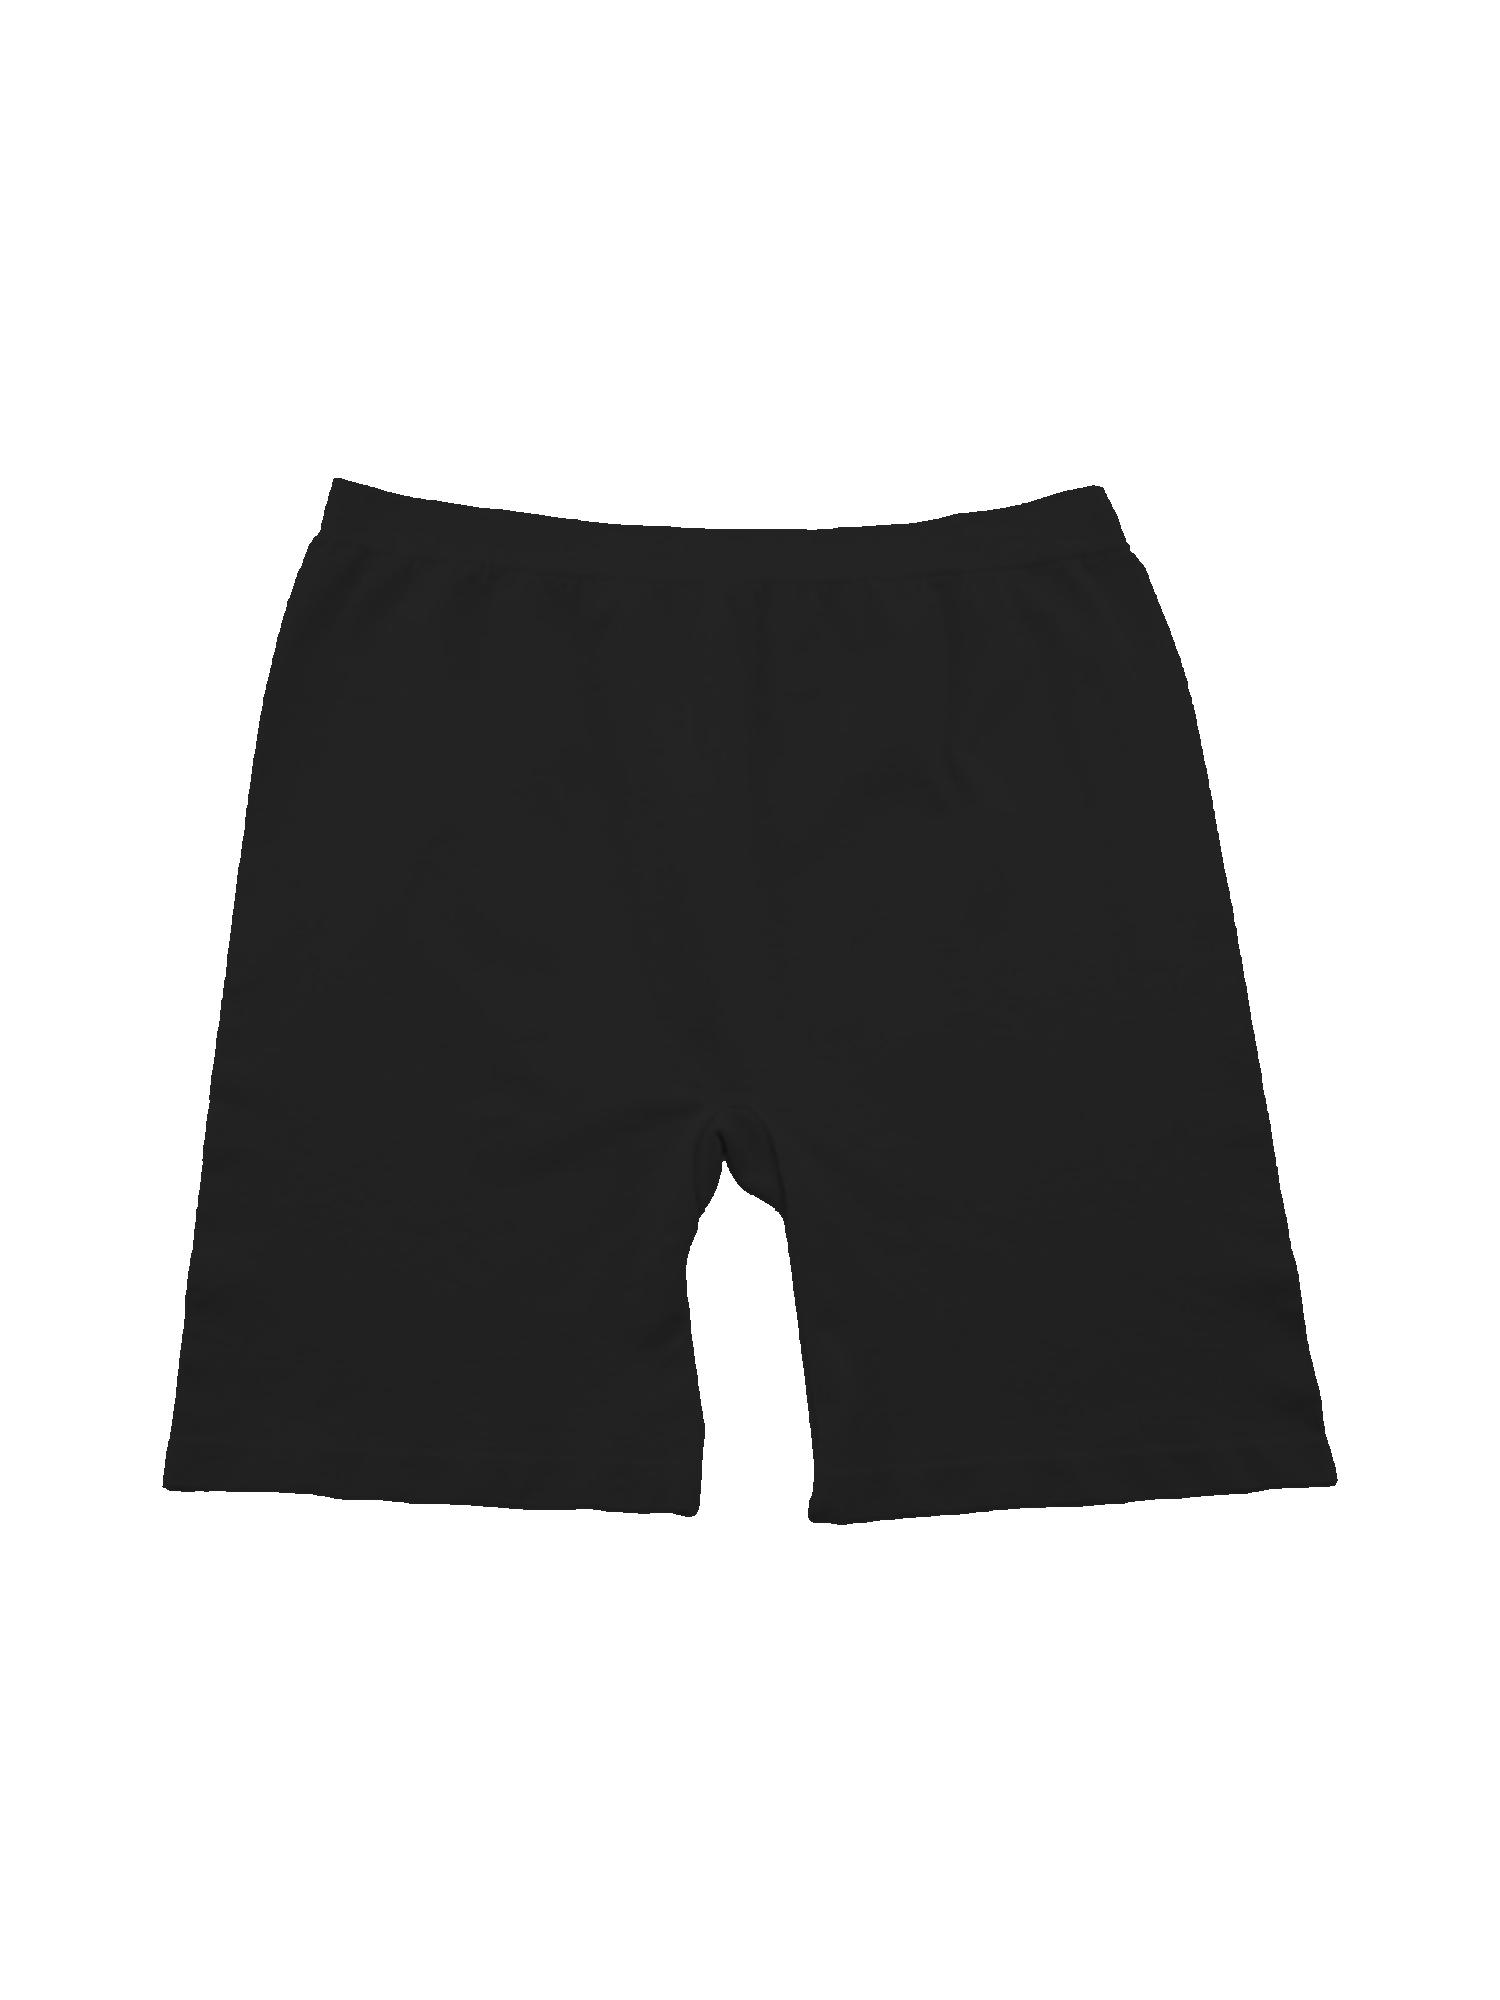 Girls Seamless Under-Skirt Short, FT421R